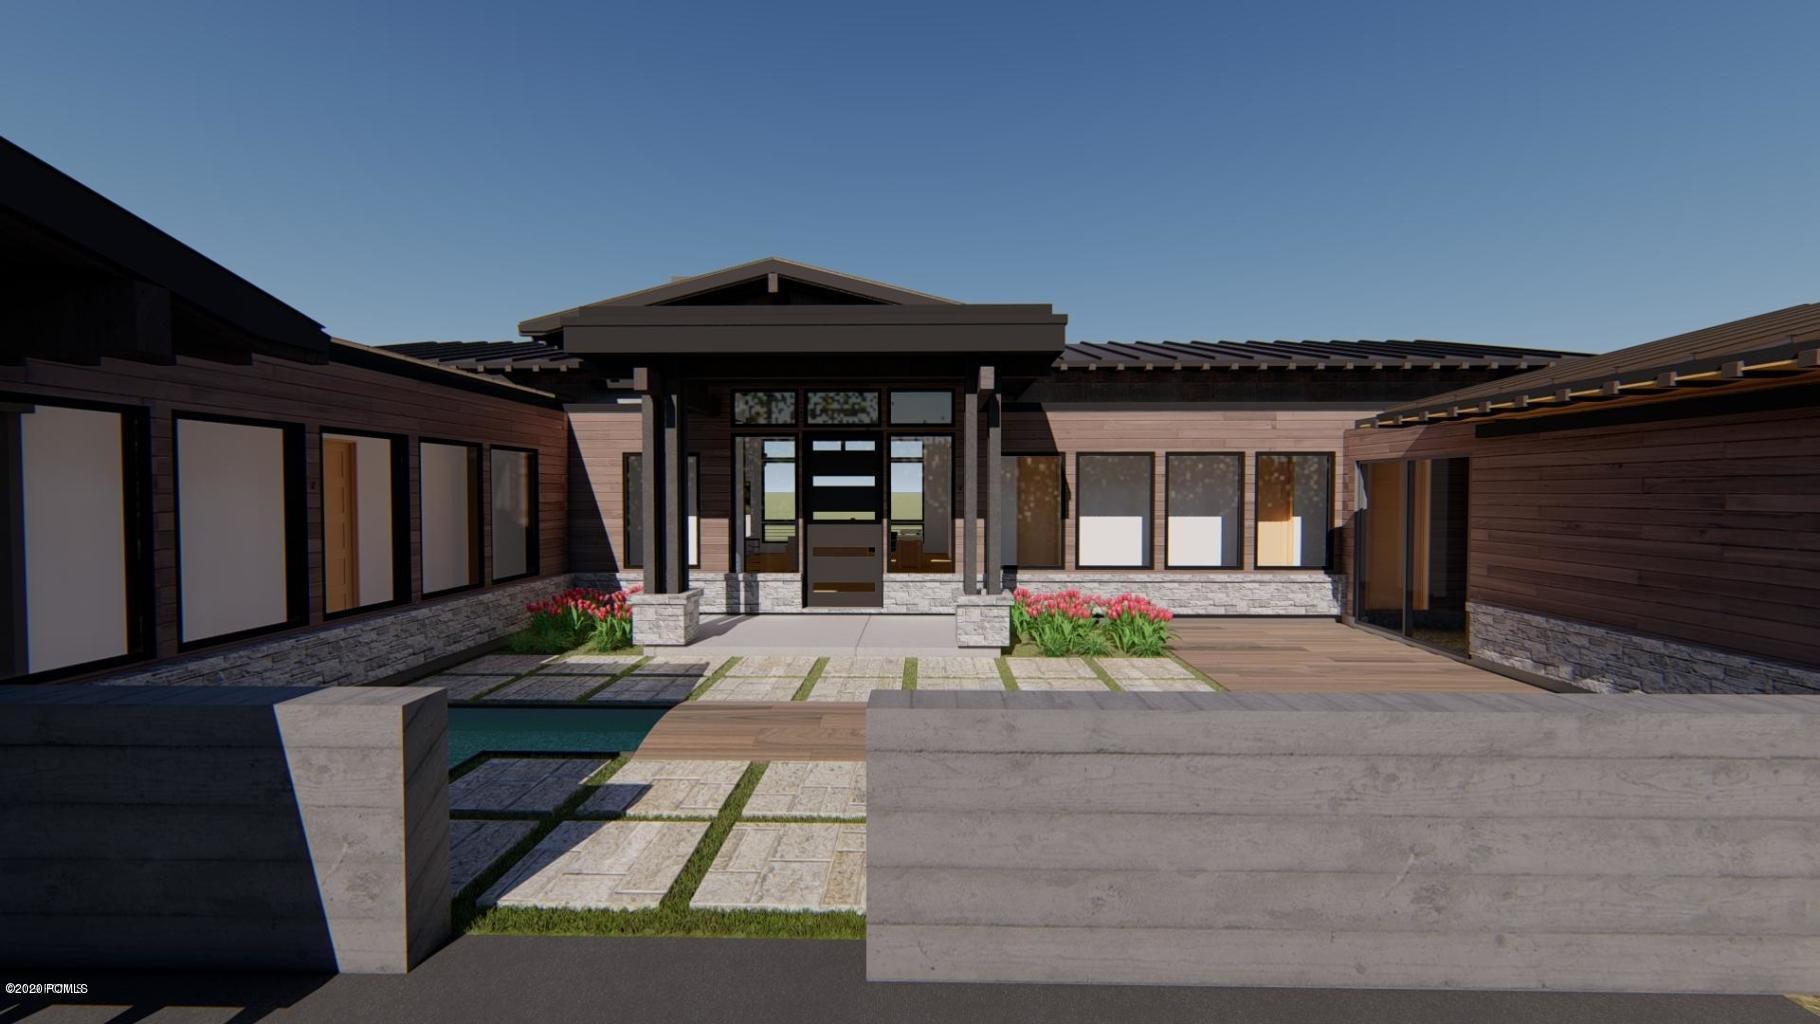 9150 Uinta Drive, Kamas, Utah 84036, 6 Bedrooms Bedrooms, ,5 BathroomsBathrooms,Single Family,For Sale,Uinta,20190109112430415765000000